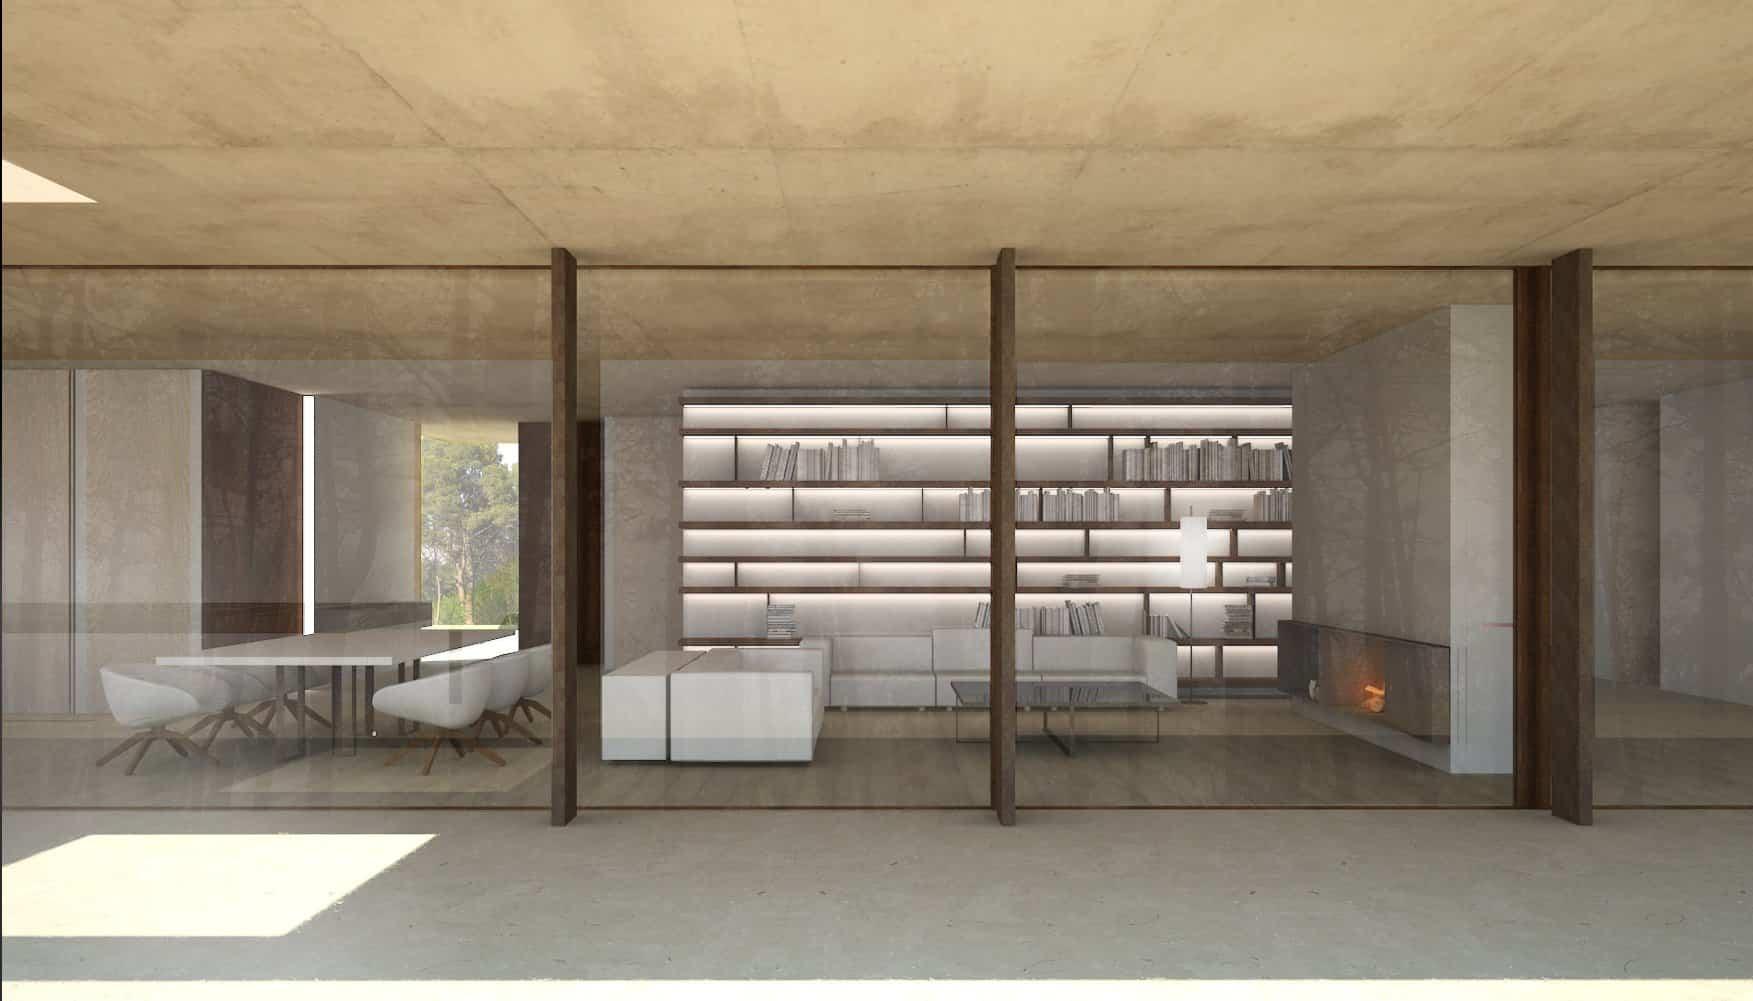 Fluidez en los espacios - Casa en la Pinada 2015 Arquitecto Ramon Esteve 13